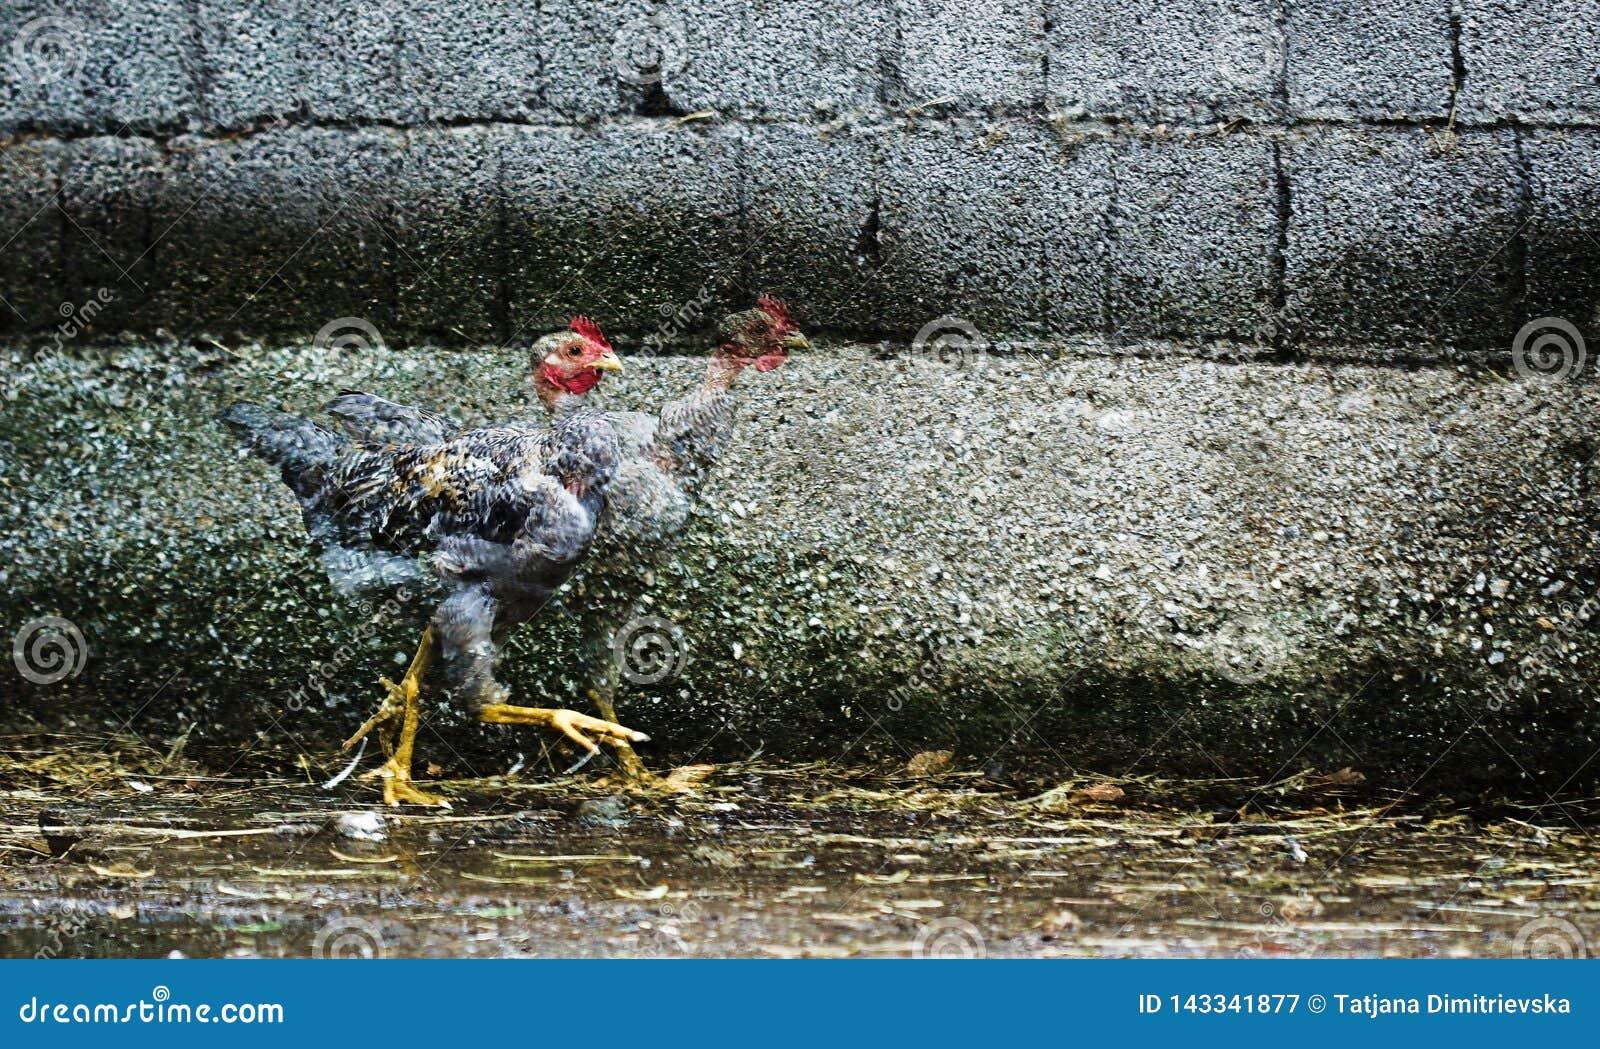 Runaway chicken